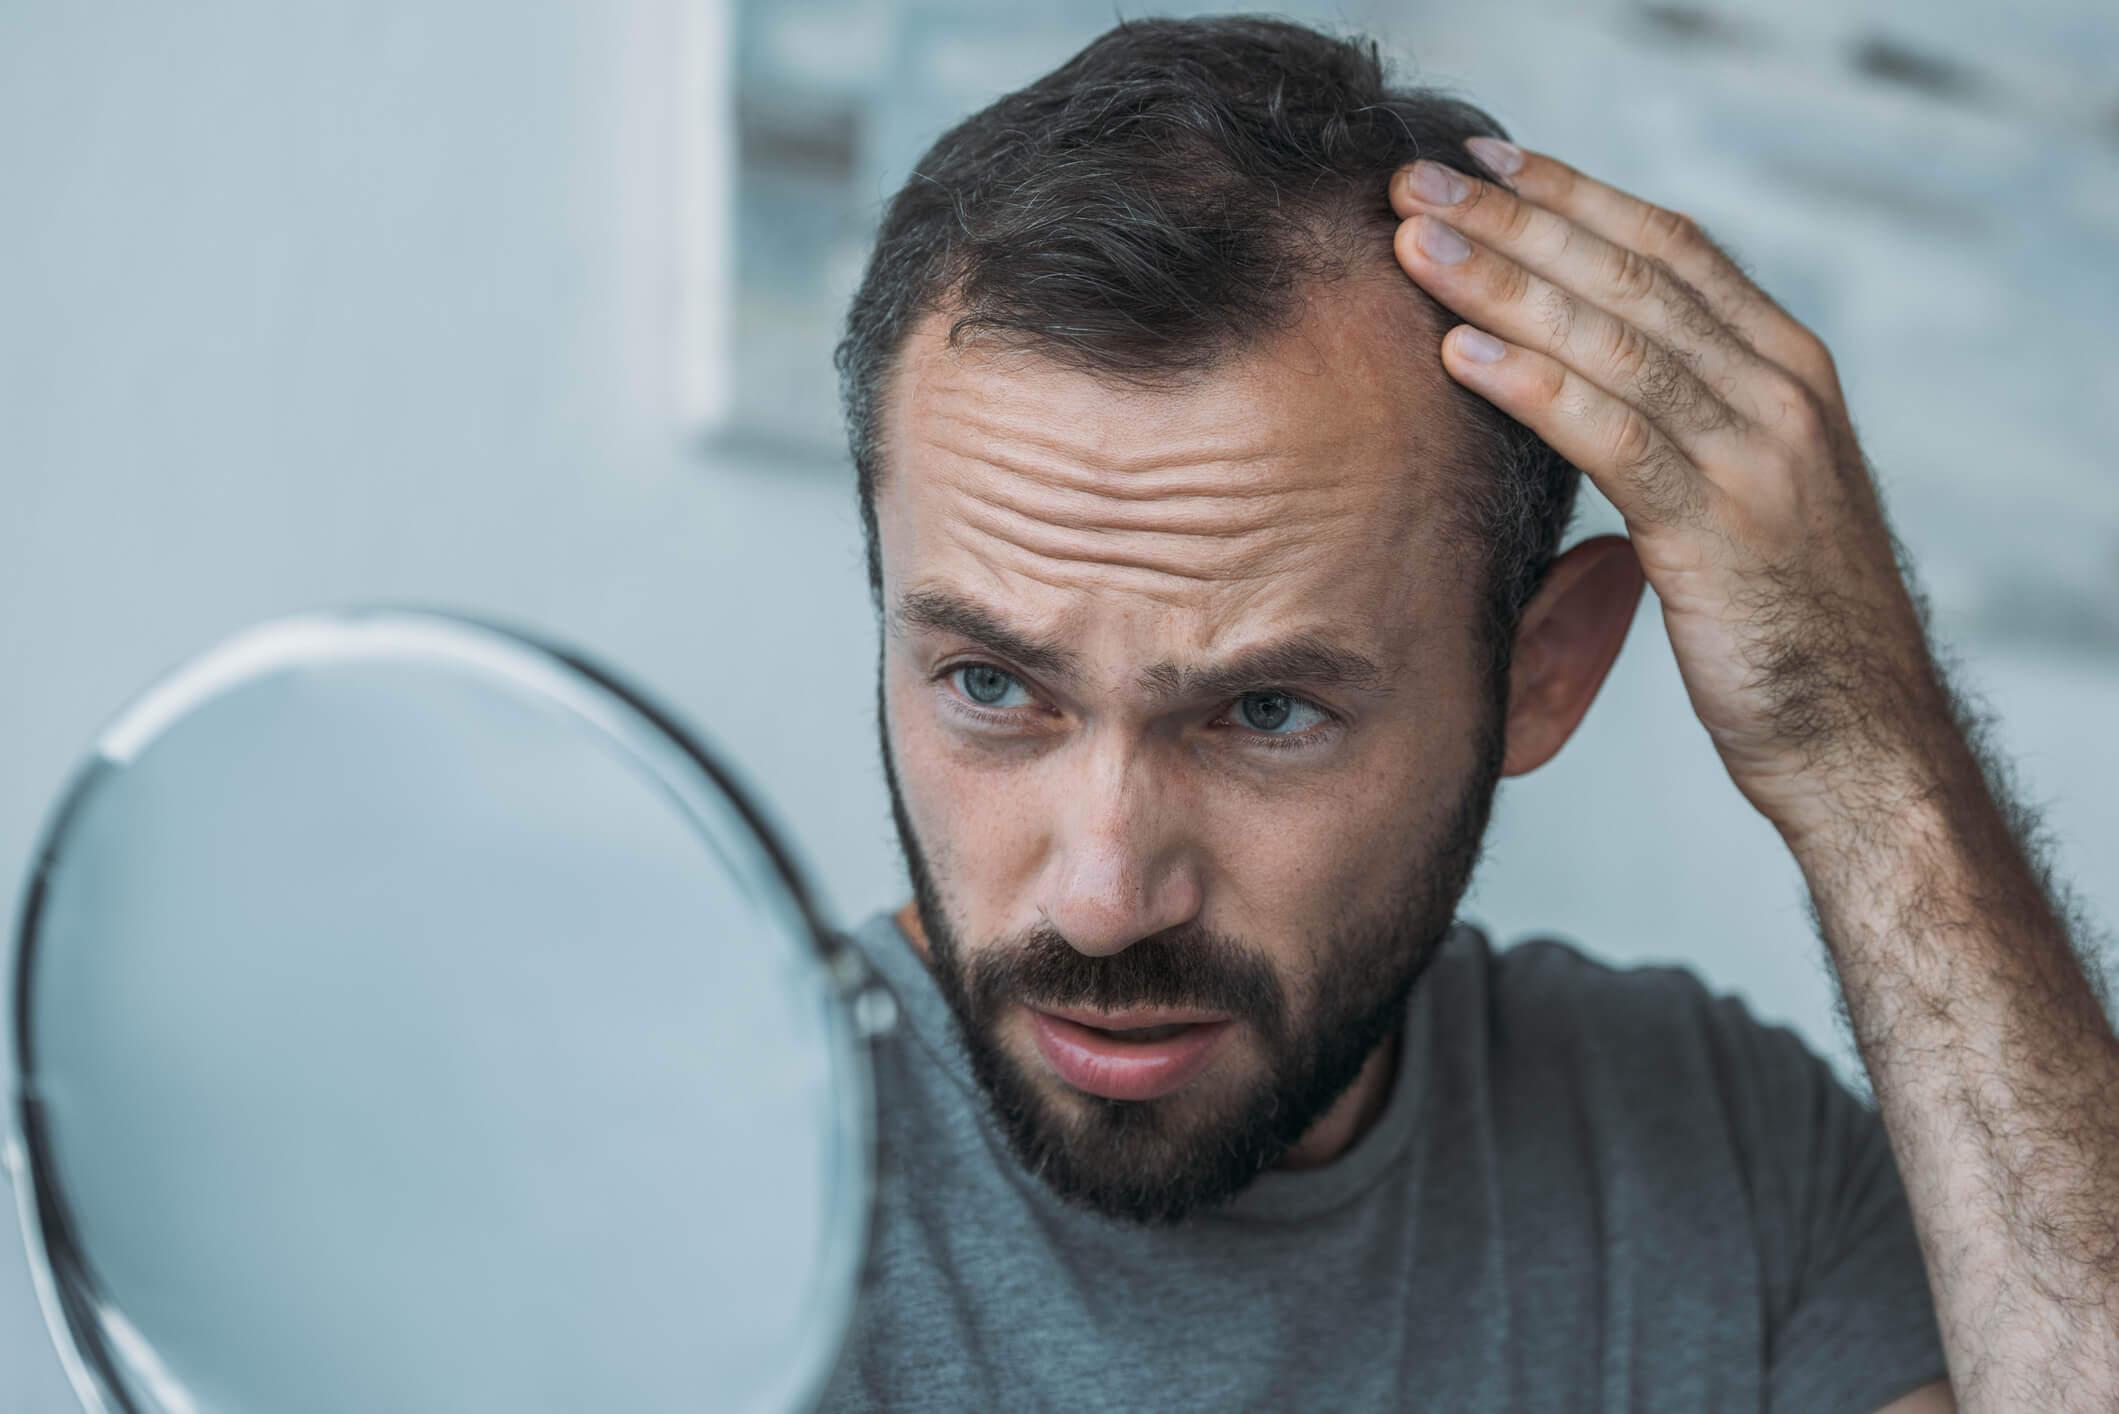 Homem verificando se está com o cabelo caindo